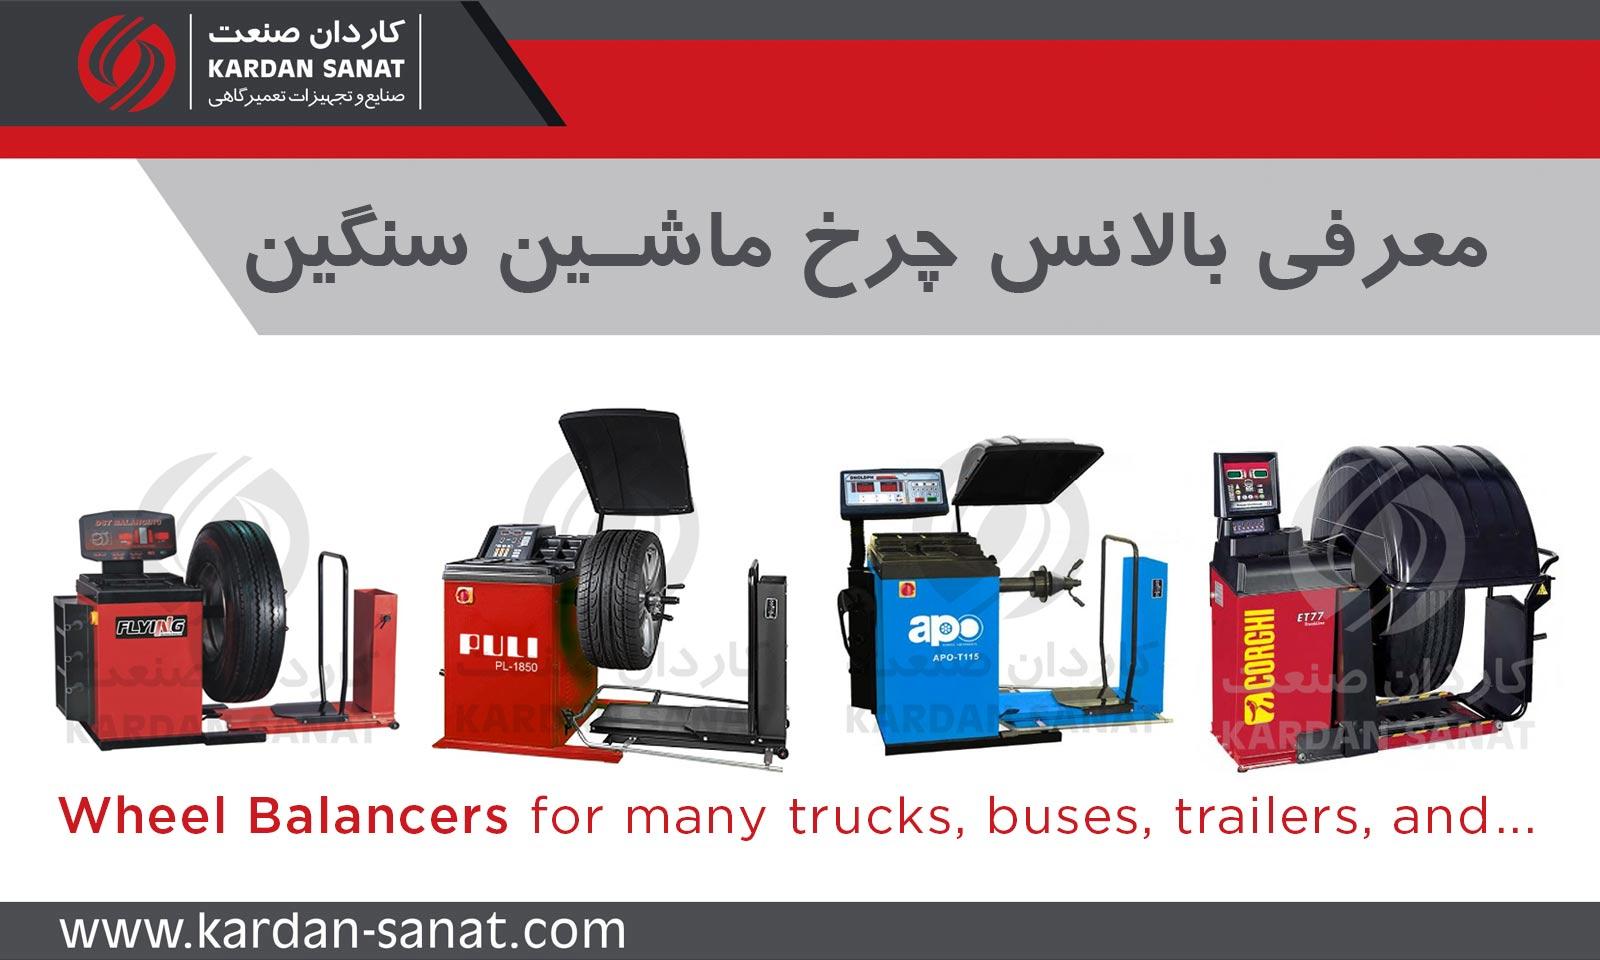 آموزش و معرفی و فروش و قیمت دستگاه بالانس چرخ ماشین سنگین کامیونی اتوبوسی: